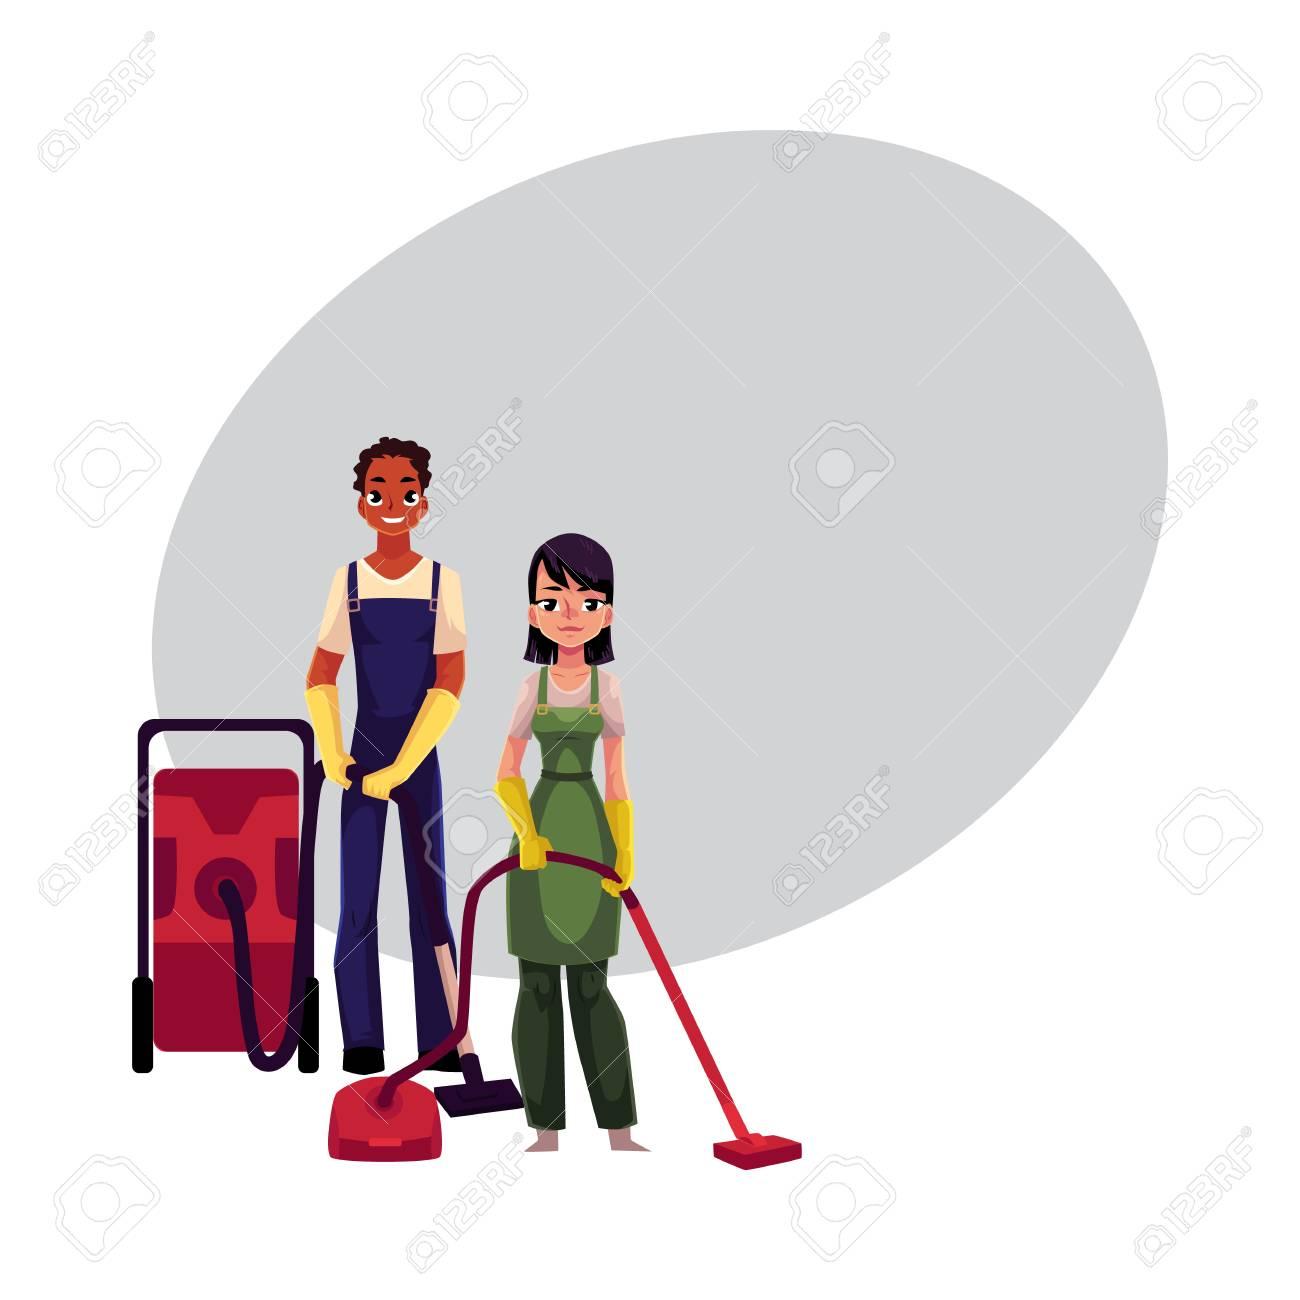 Personnel de service de nettoyage dans des combinaisons, homme et femme, garçon et fille, utilisant des aspirateurs, illustration de vecteur de dessin